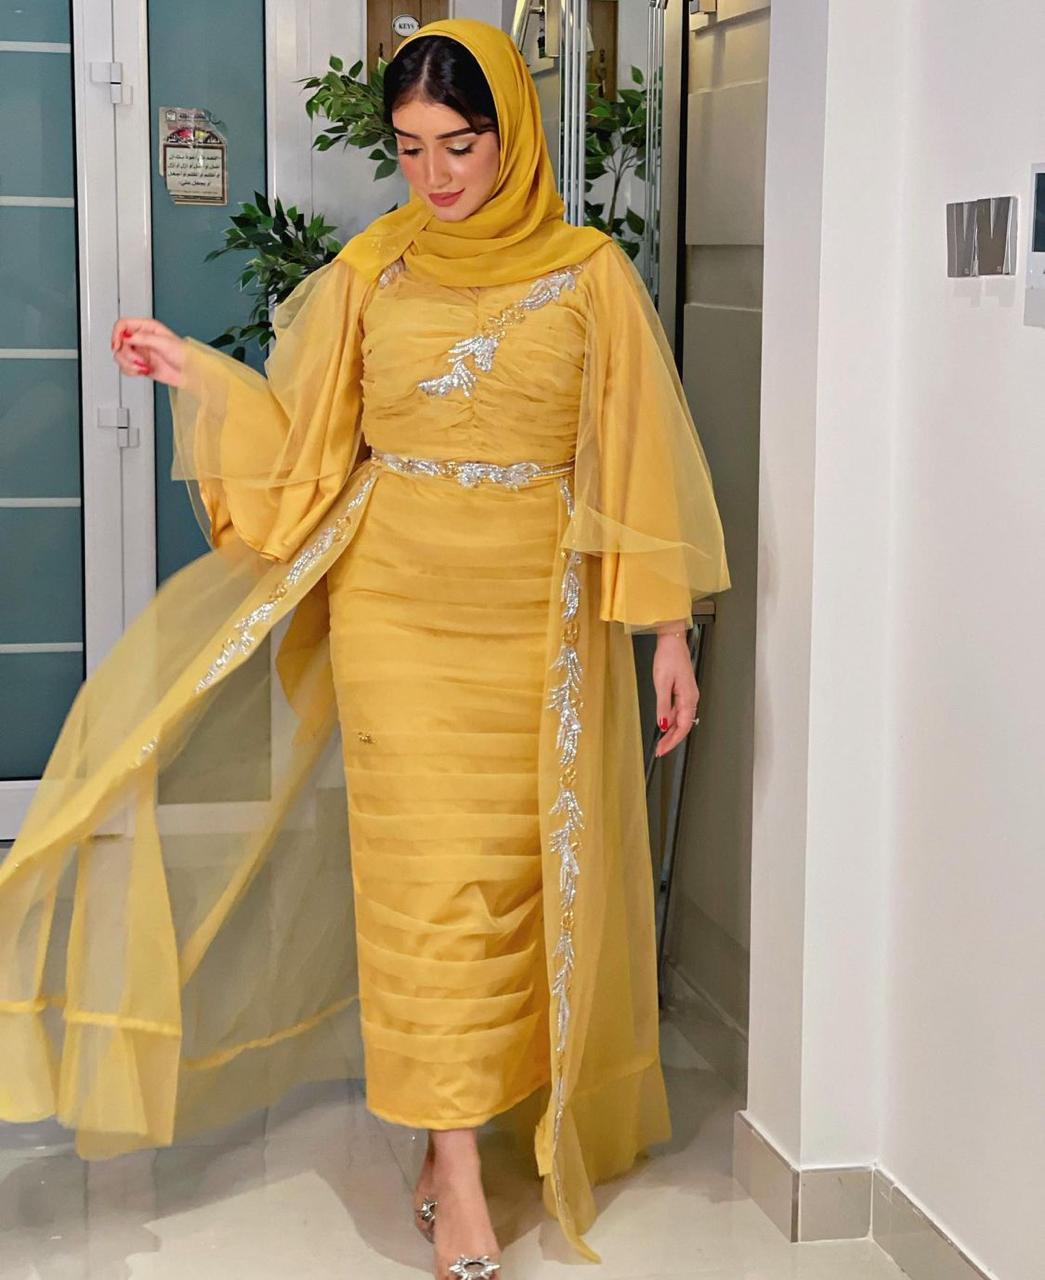 خولة المراغي بالعباية الصفراء -الصورة من حسابها على الانستغرام